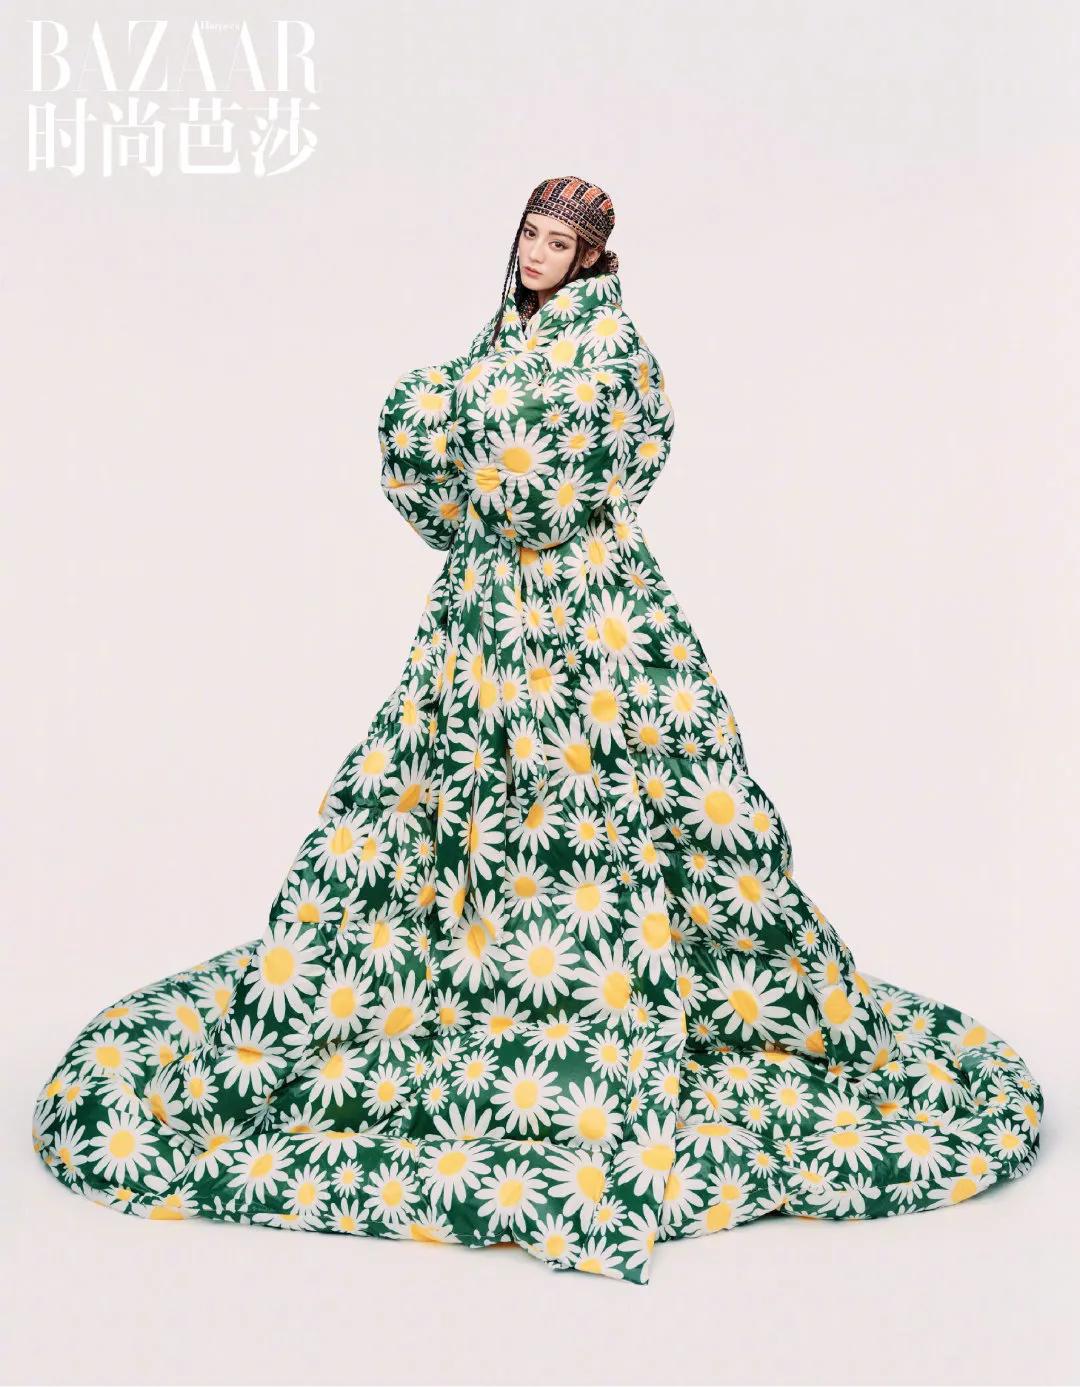 迪丽热巴:花朵大片!美人不止美貌!用时尚诠释单身、快乐、买!